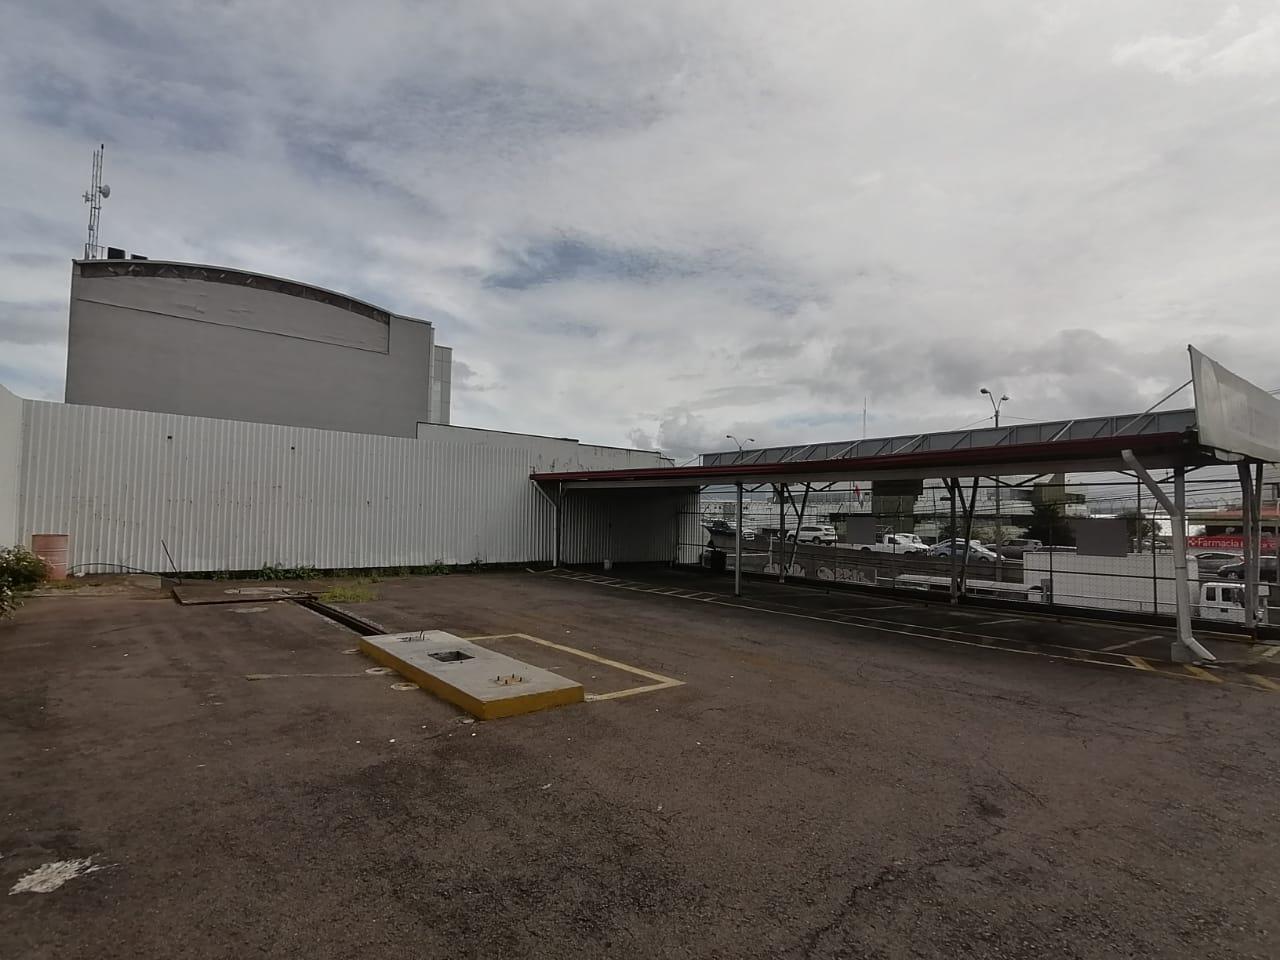 2474 For Rent commercial property Excellent Exposure in La Uruca